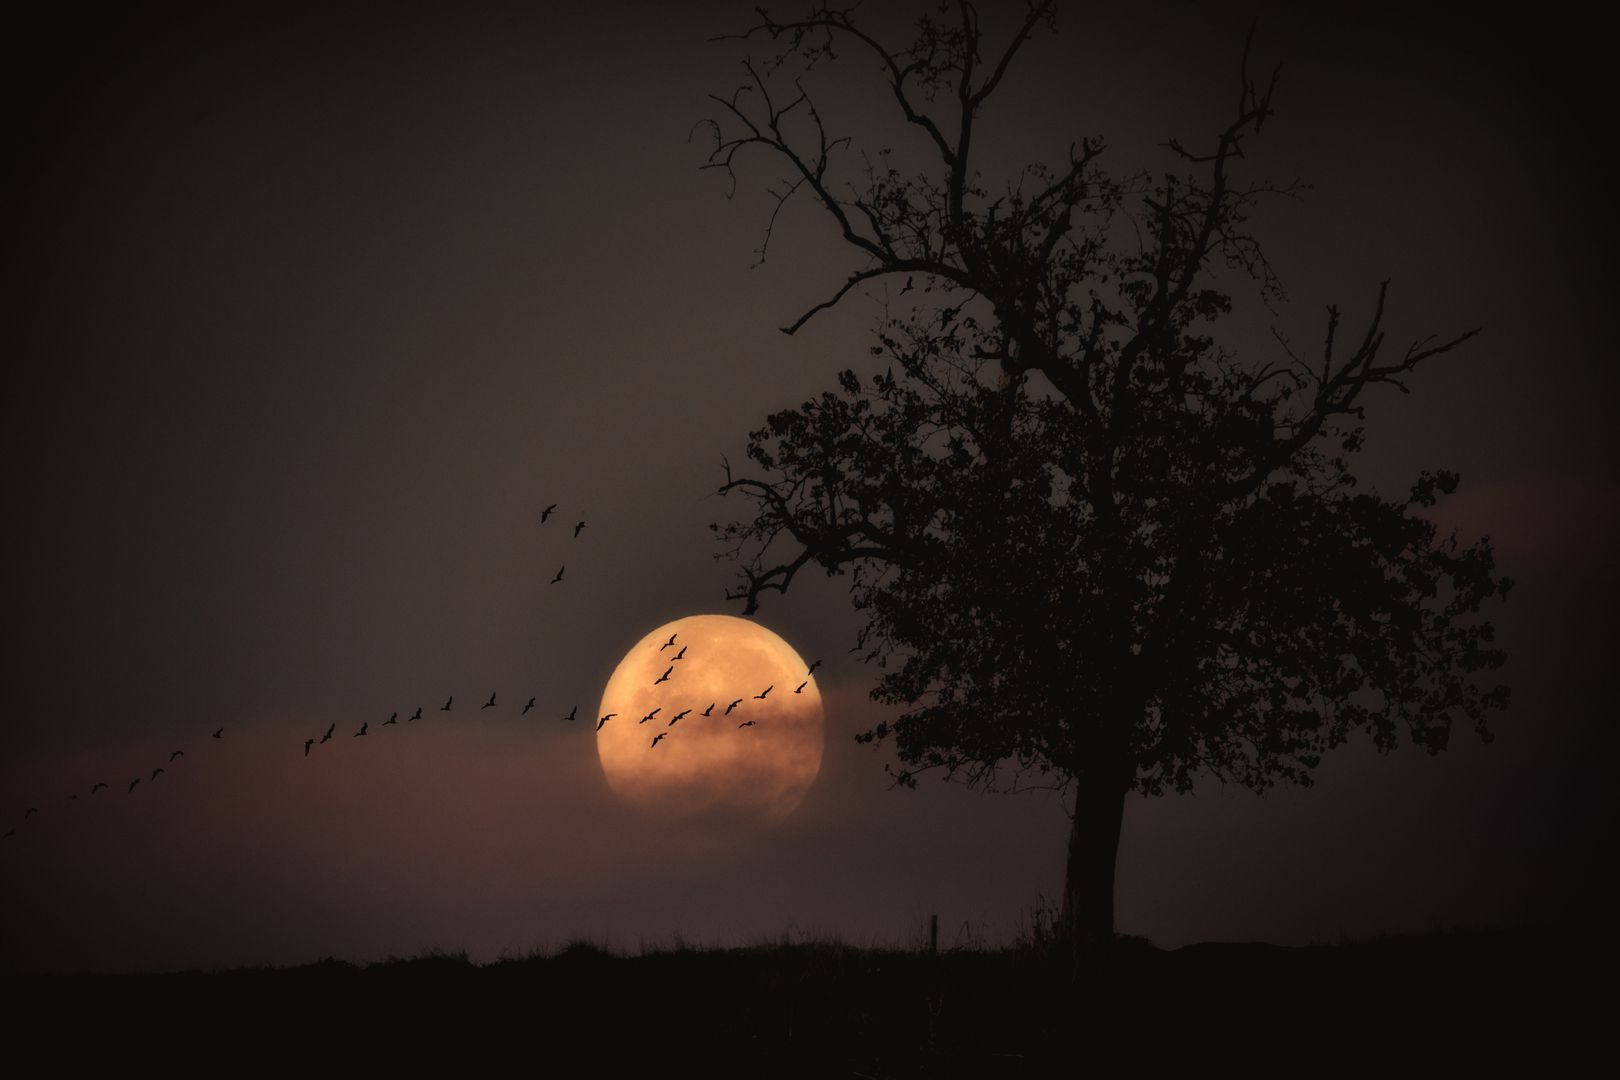 Voller toller Mond ...